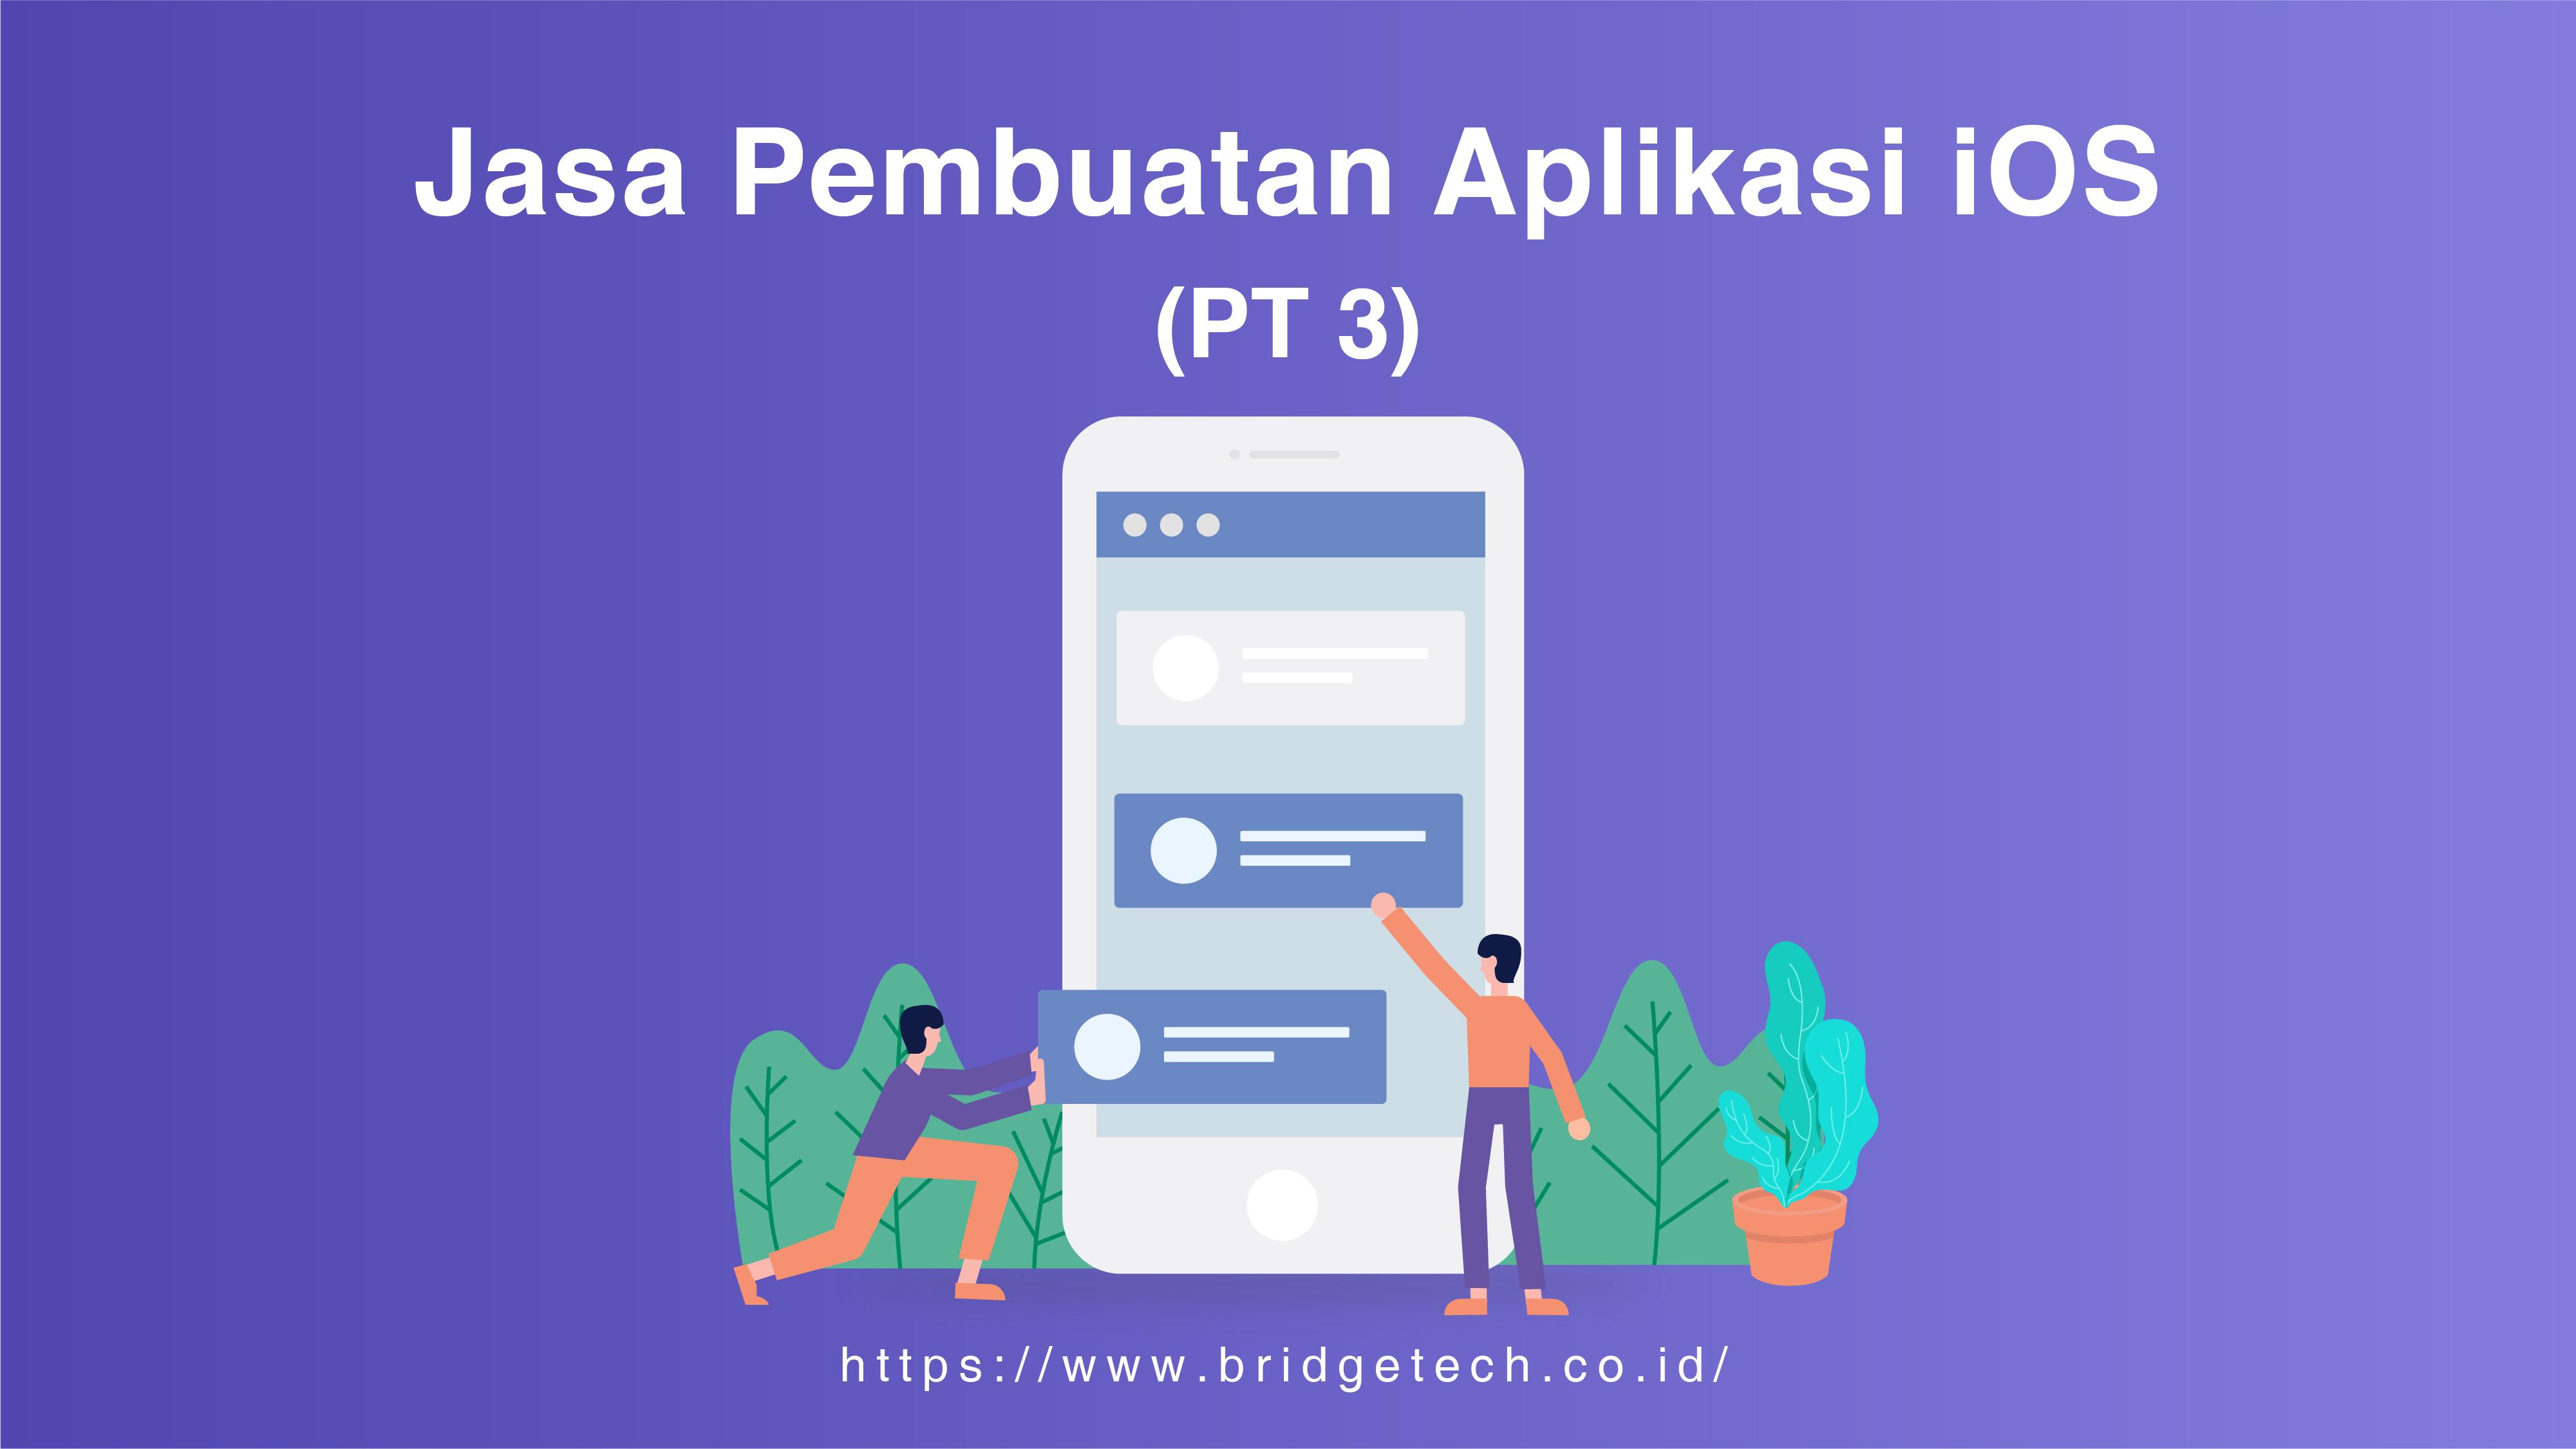 Jasa Pembuatan Aplikasi iOS (Pt.3)